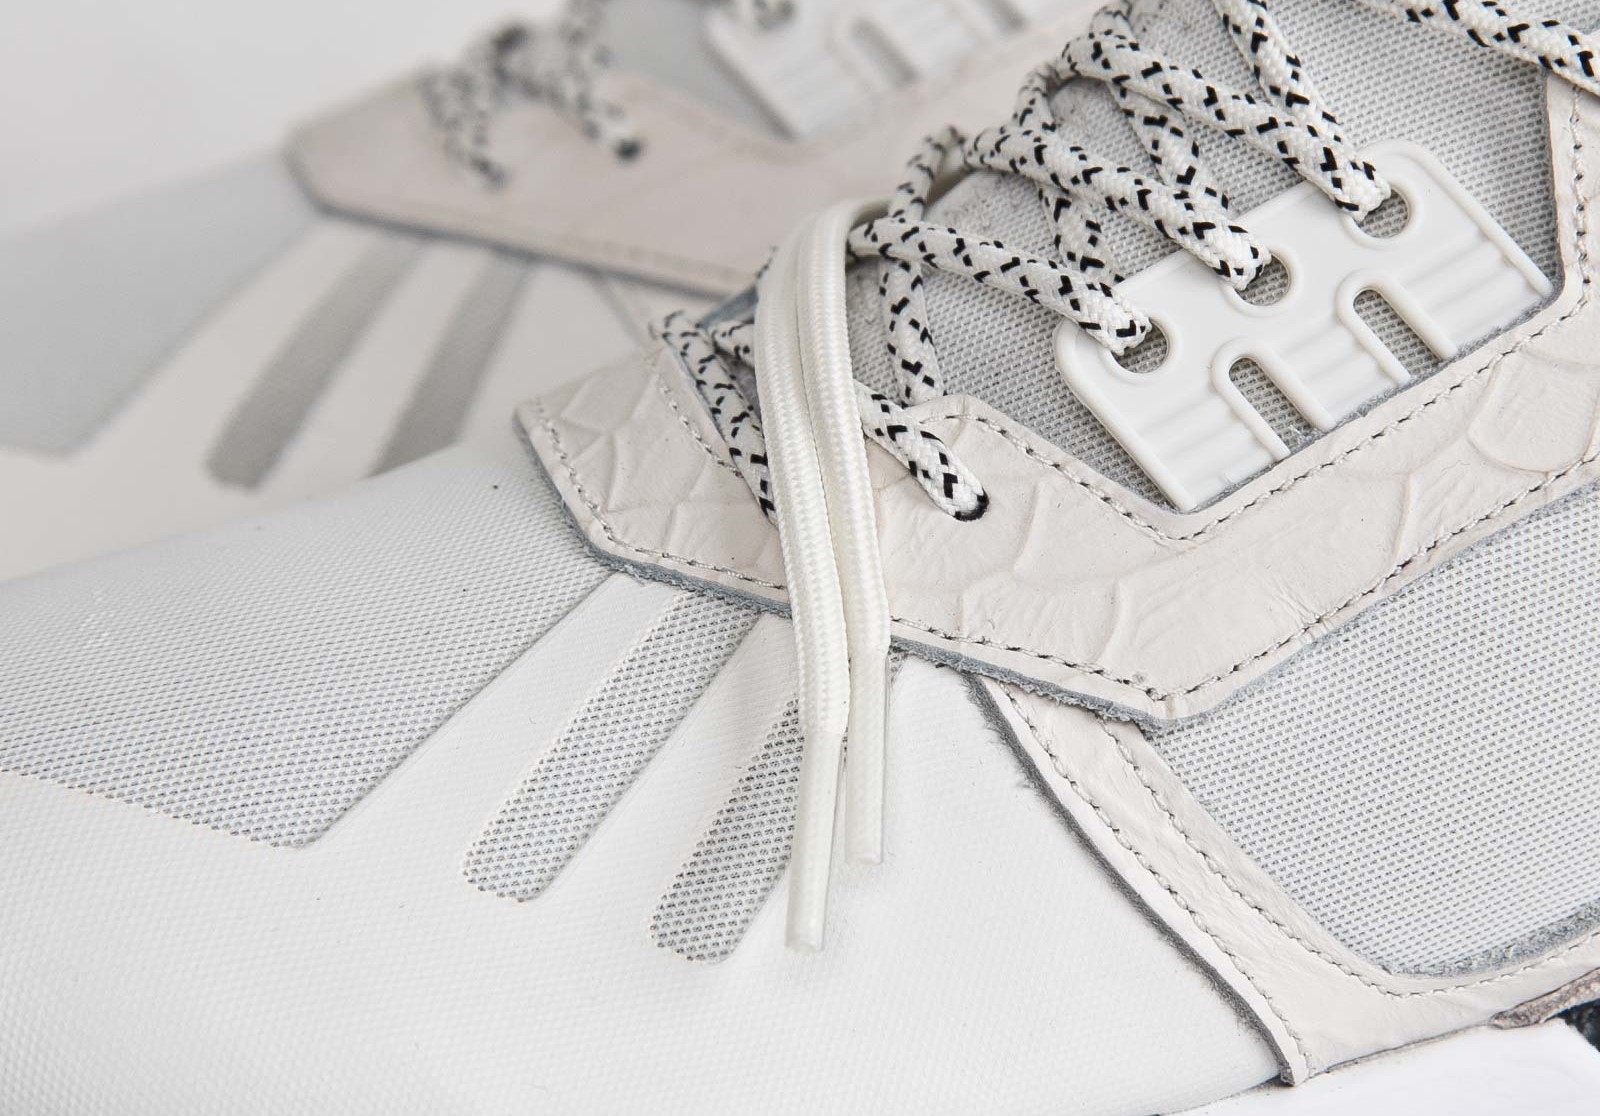 buy popular 600f0 c451b TODAYSHYPE: Not your average Tubular - The adidas Tubular ...